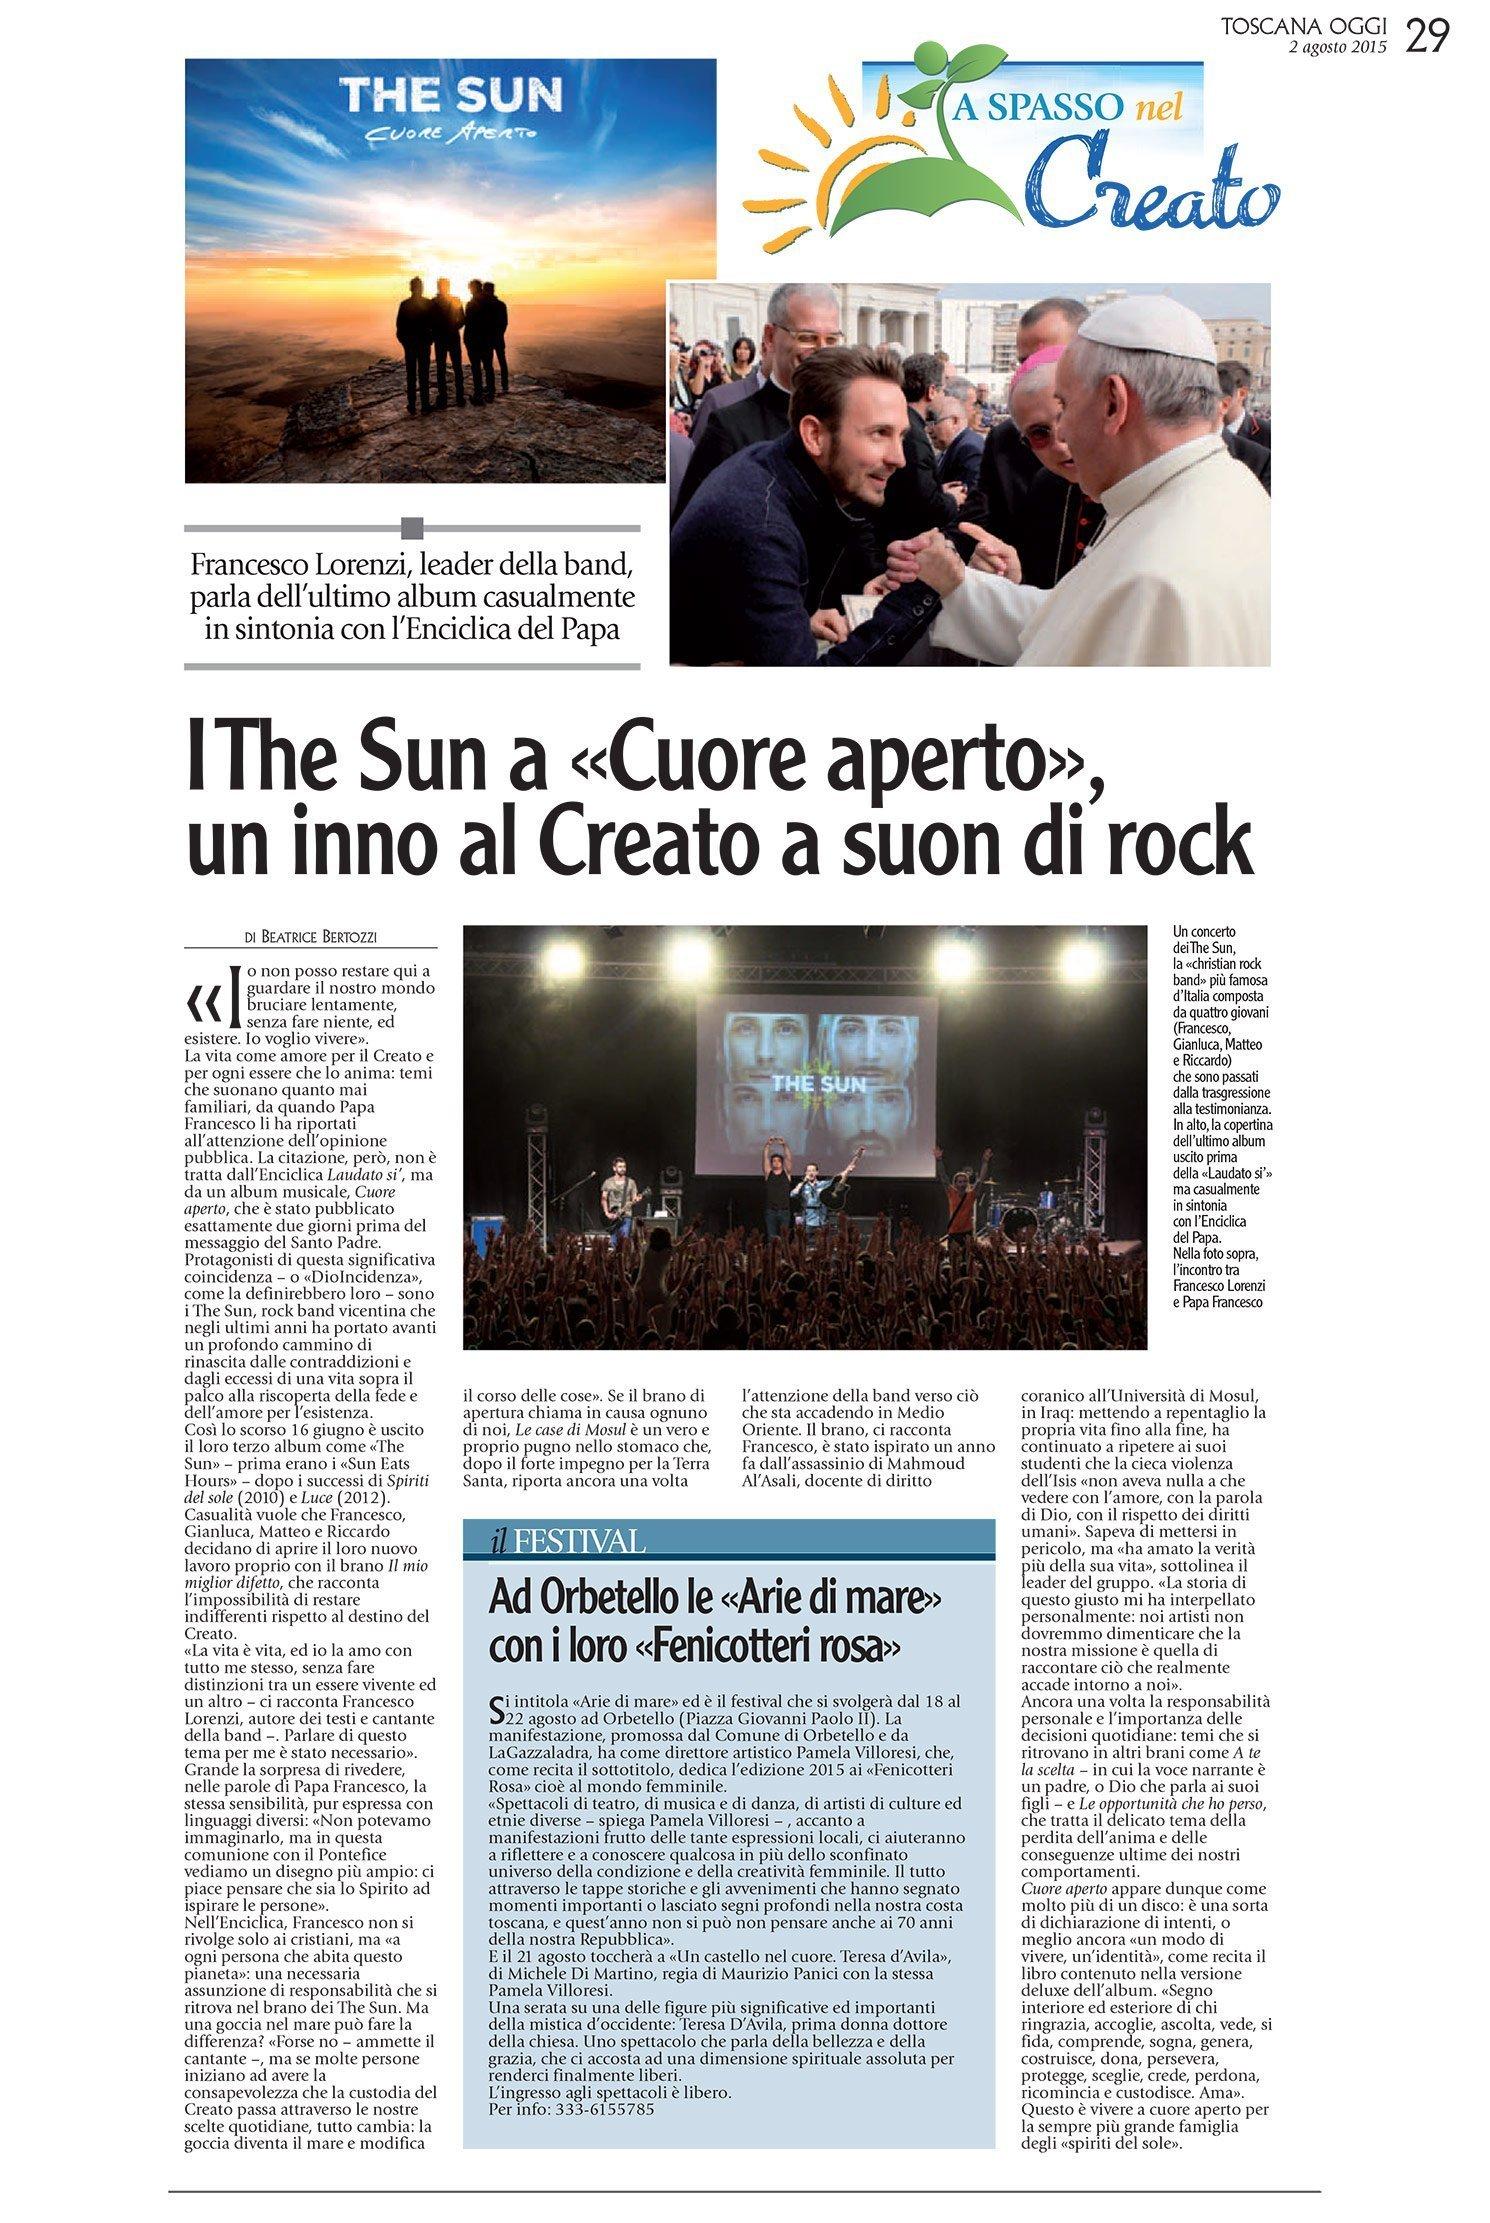 Toscana Oggi - intervista Francesco Lorenzi